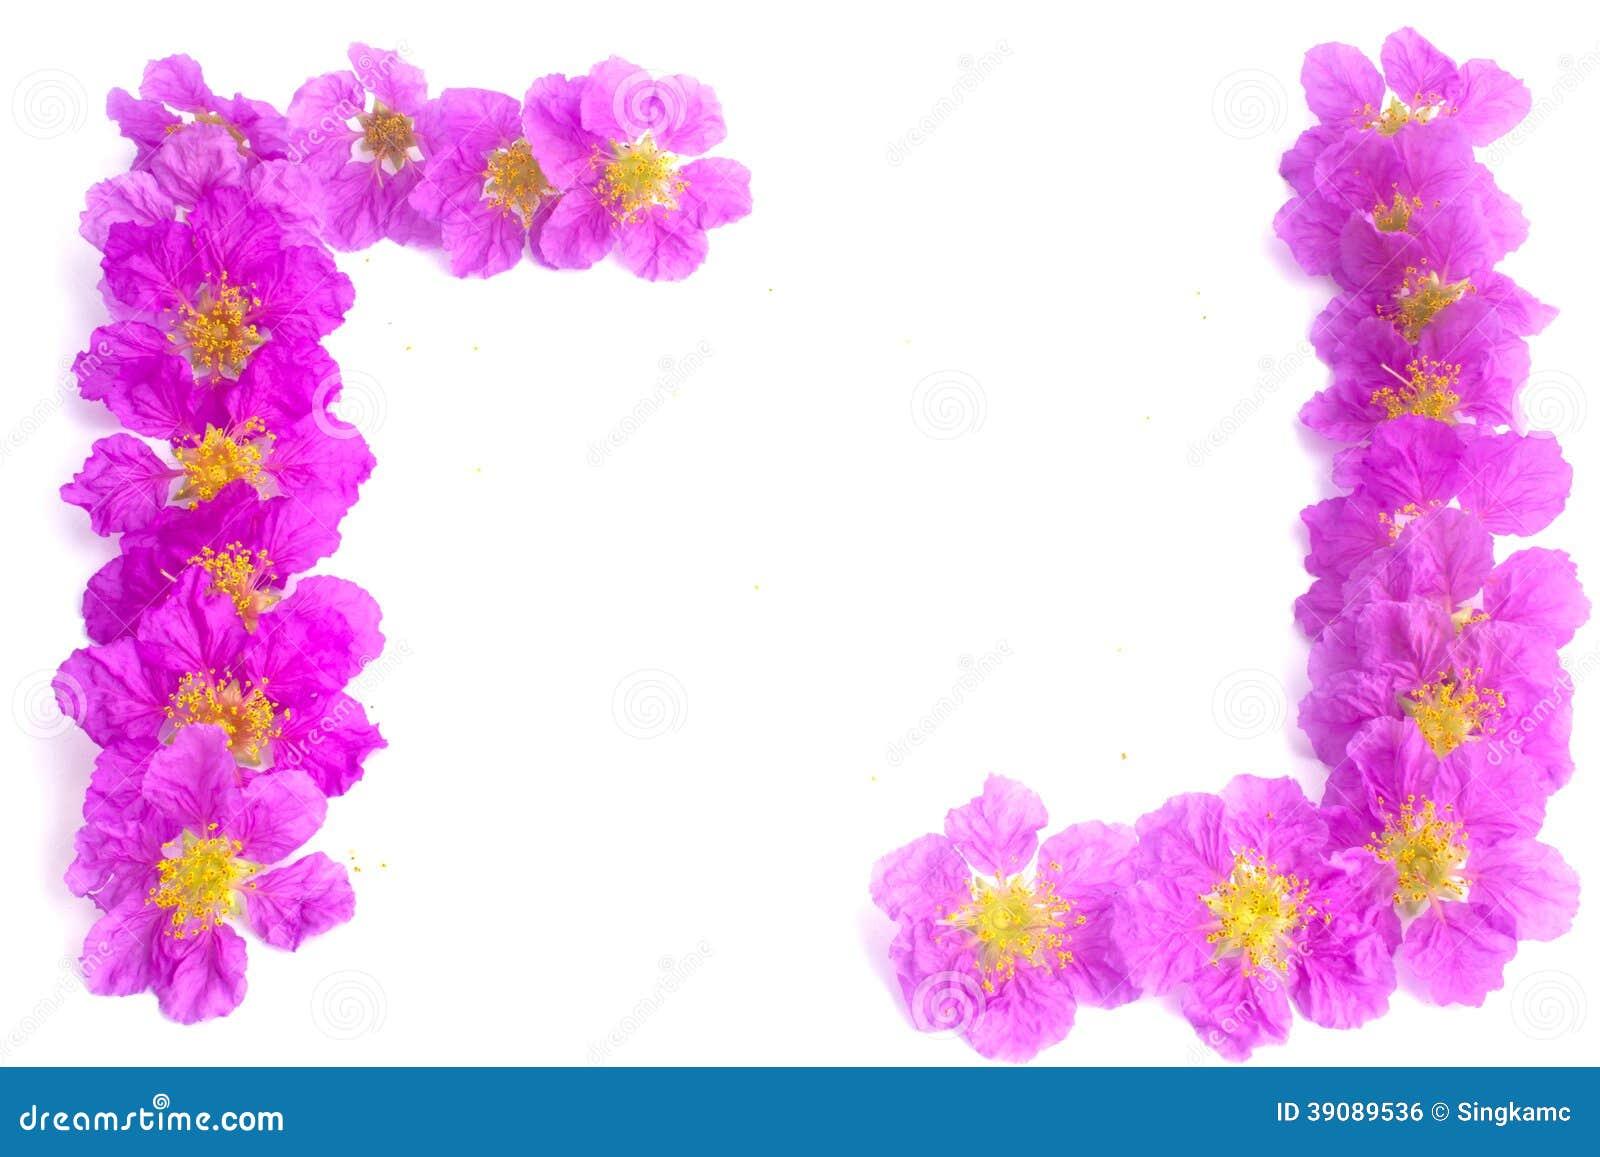 Marco Bonito De Las Flores Púrpuras Stock Photos - 4 Images